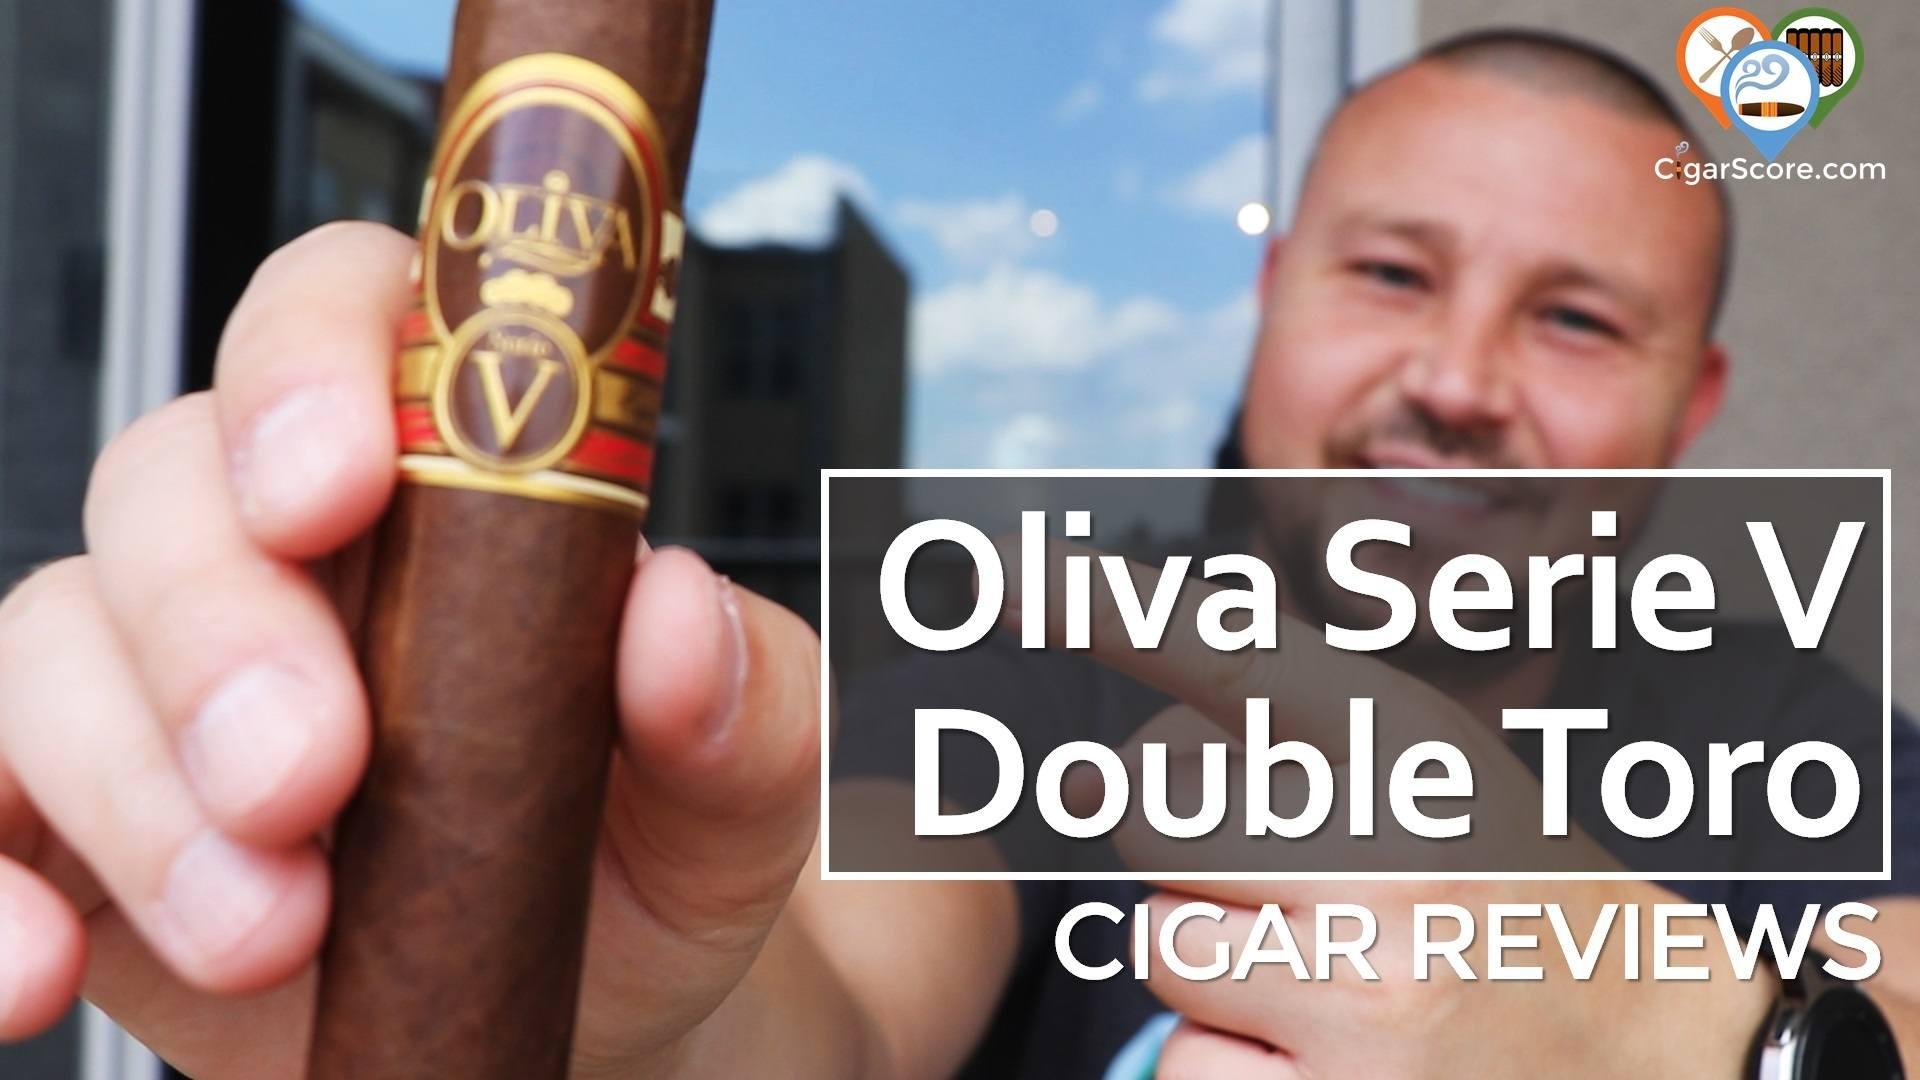 Review - Oliva Serie V Double Toro